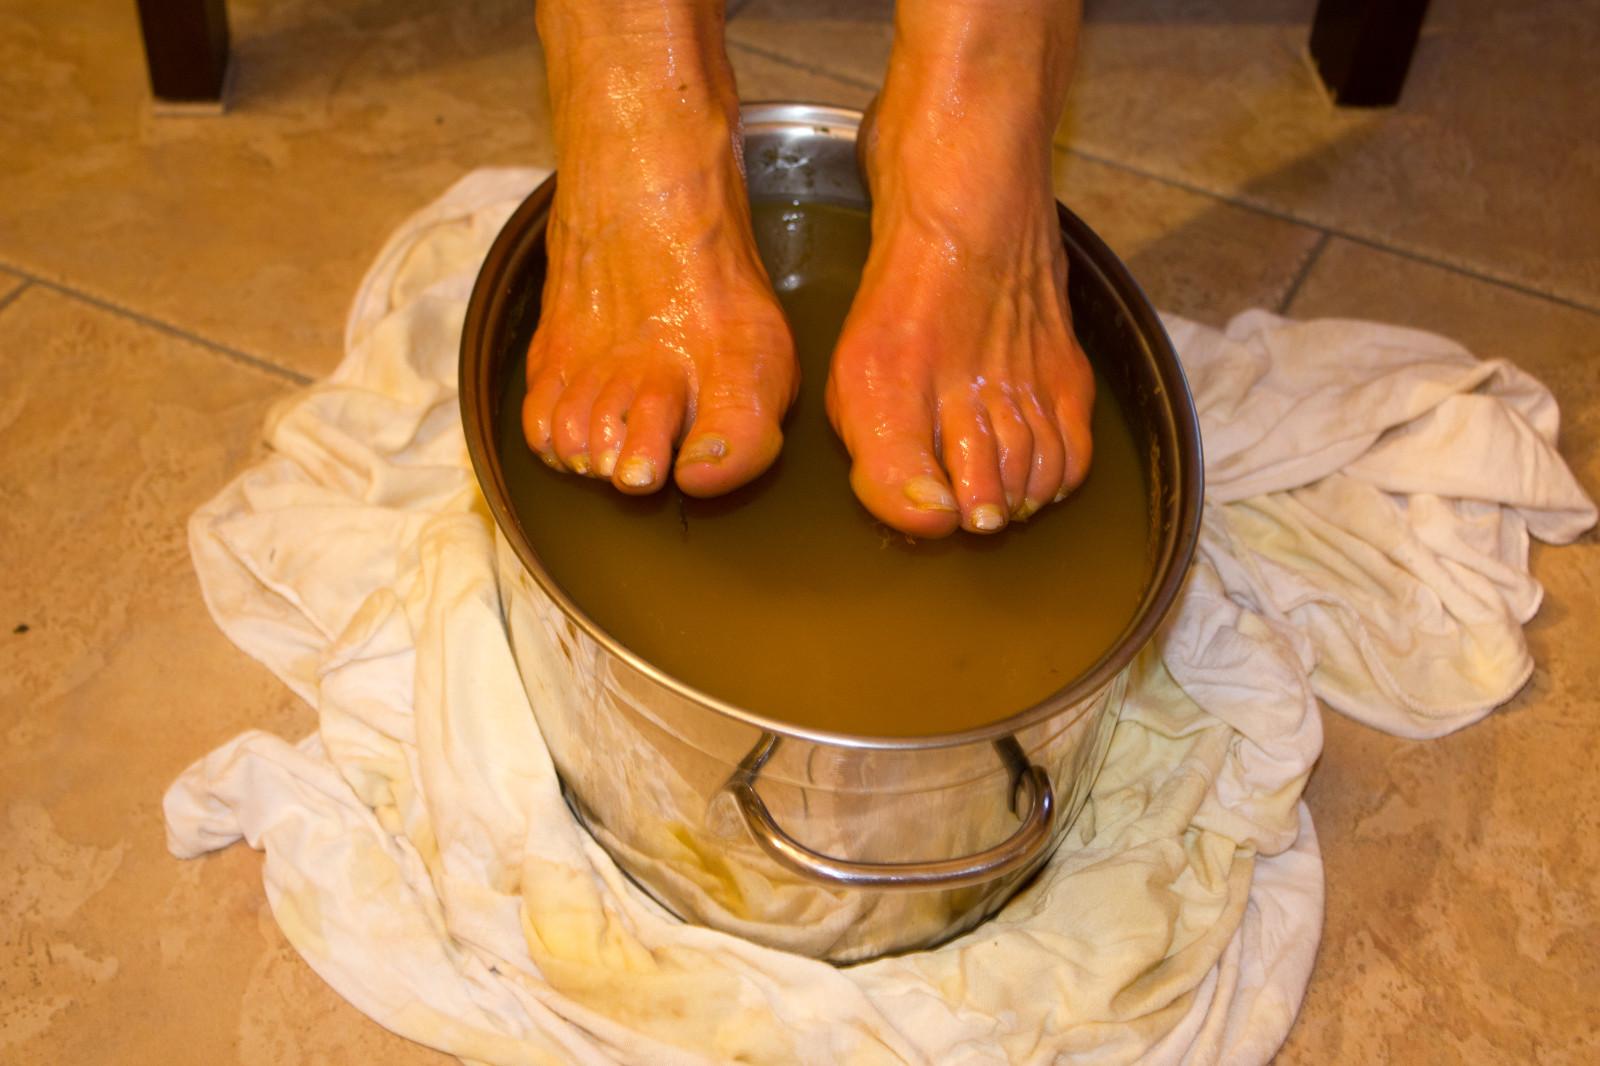 Le guérisseur - rebouteux utilise beaucoup les décoctions et bains de plantes pour prodiguer ses soins.